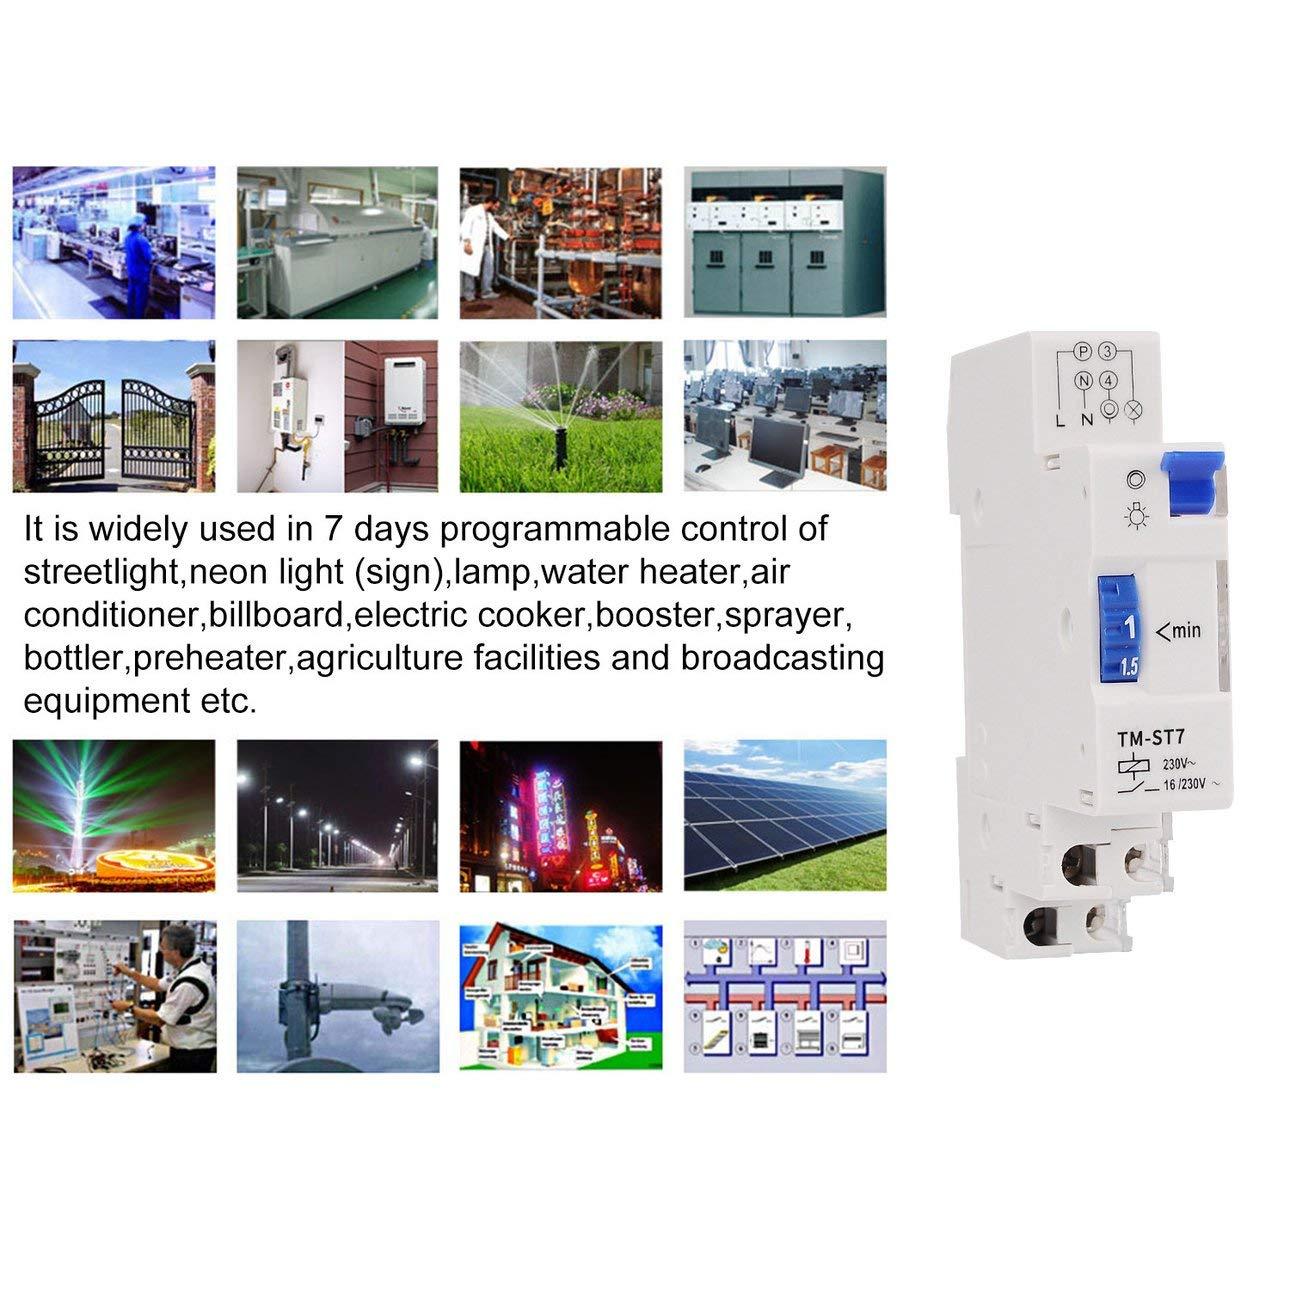 Ballylelly para TM-ST7 220V 7 Minutos Temporizador mec/ánico 18mm M/ódulo /único Temporizador de Escalera en Carril DIN Instrumentos de Interruptor de Tiempo